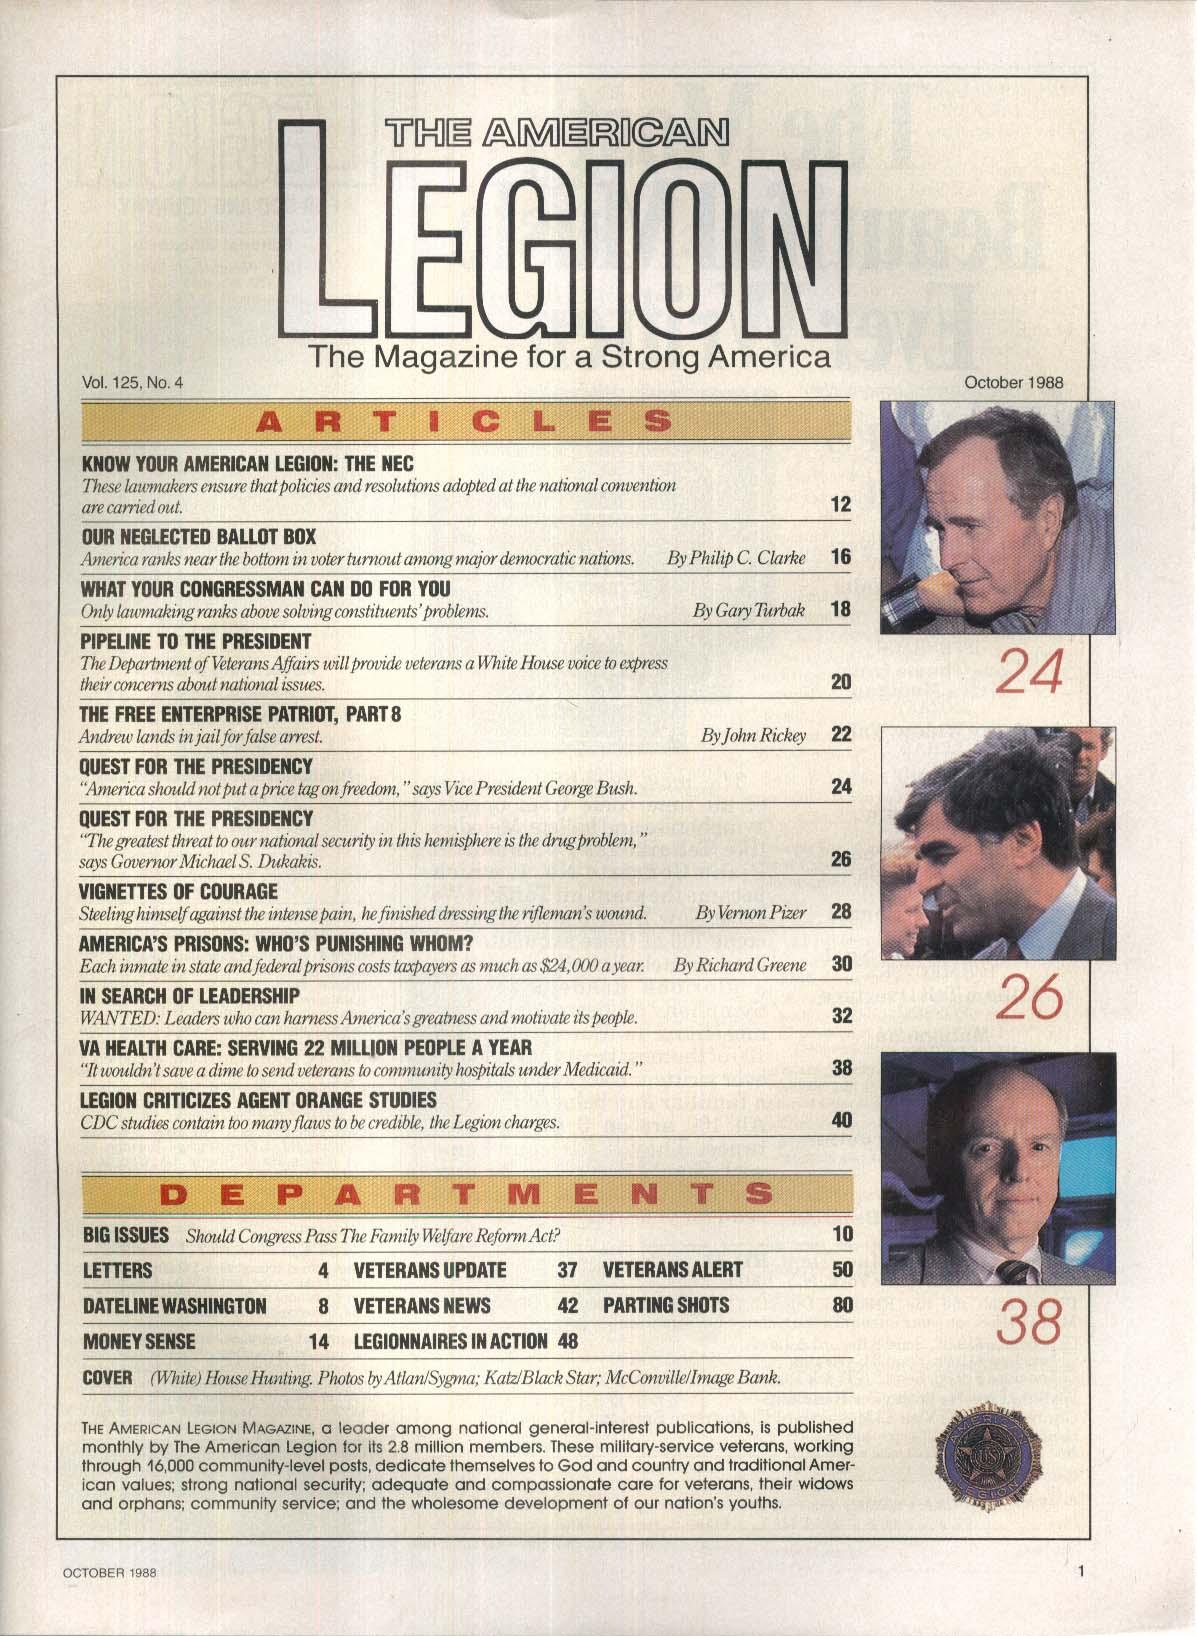 AMERICAN LEGION H F Sparky Gierke NEC George Bush 10 1988